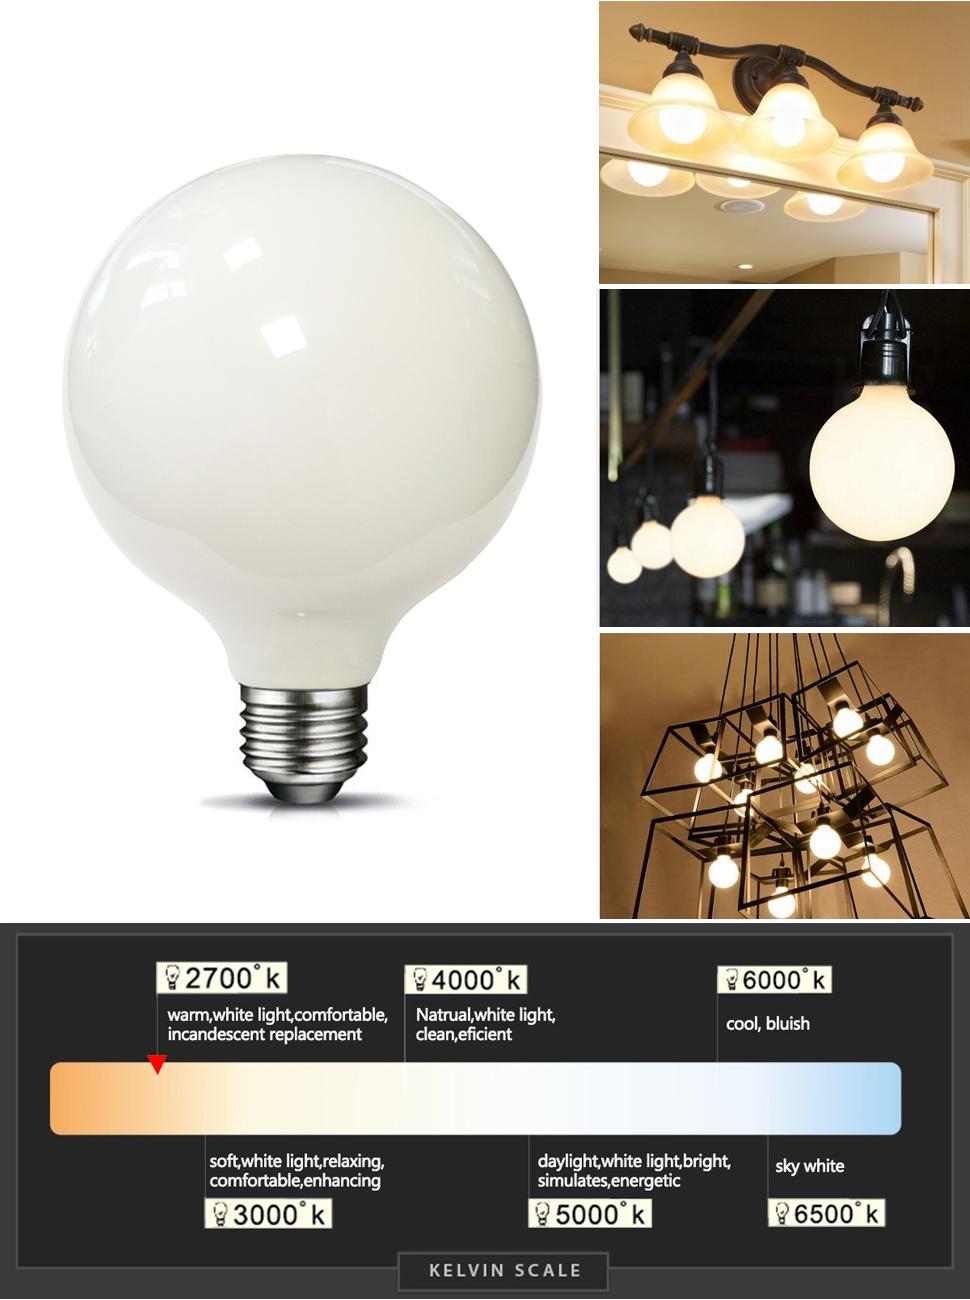 MRDENG LED Light Bulbs 60 Watt Replacement, G40 6W LED Bulb, E26 Socket,Soft  White Globe Light Bulb